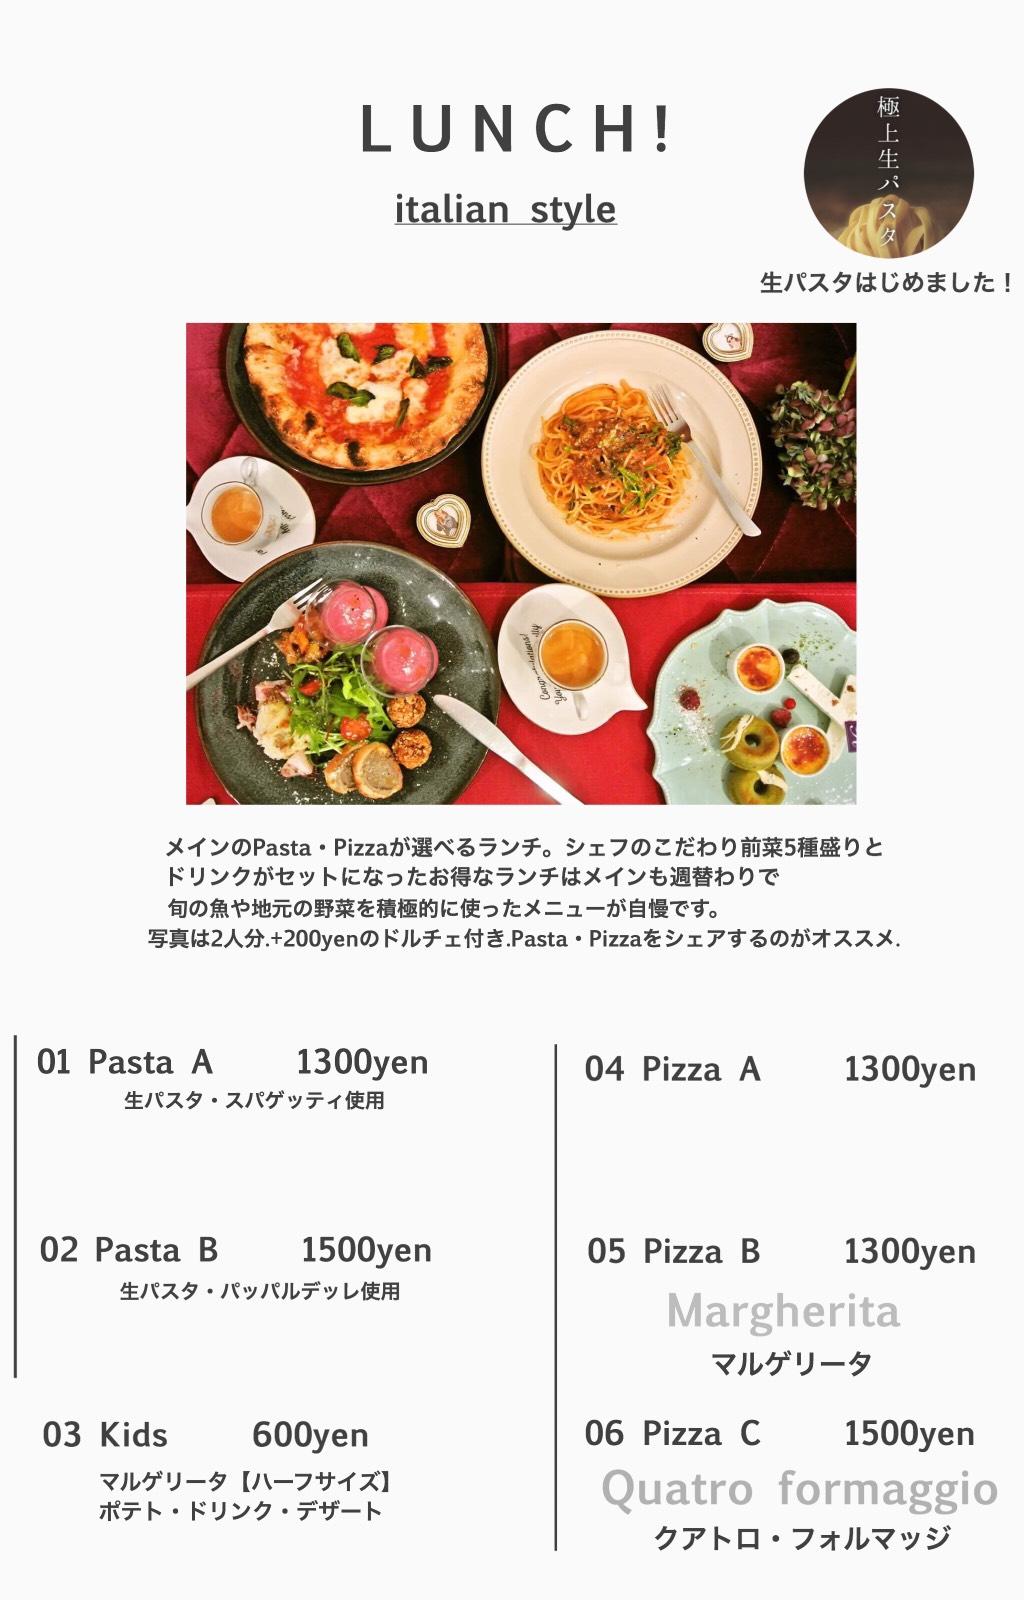 姫路駅近イタリアン&パンケーキ「cafe rei」カフェレイ ランチメニュー1